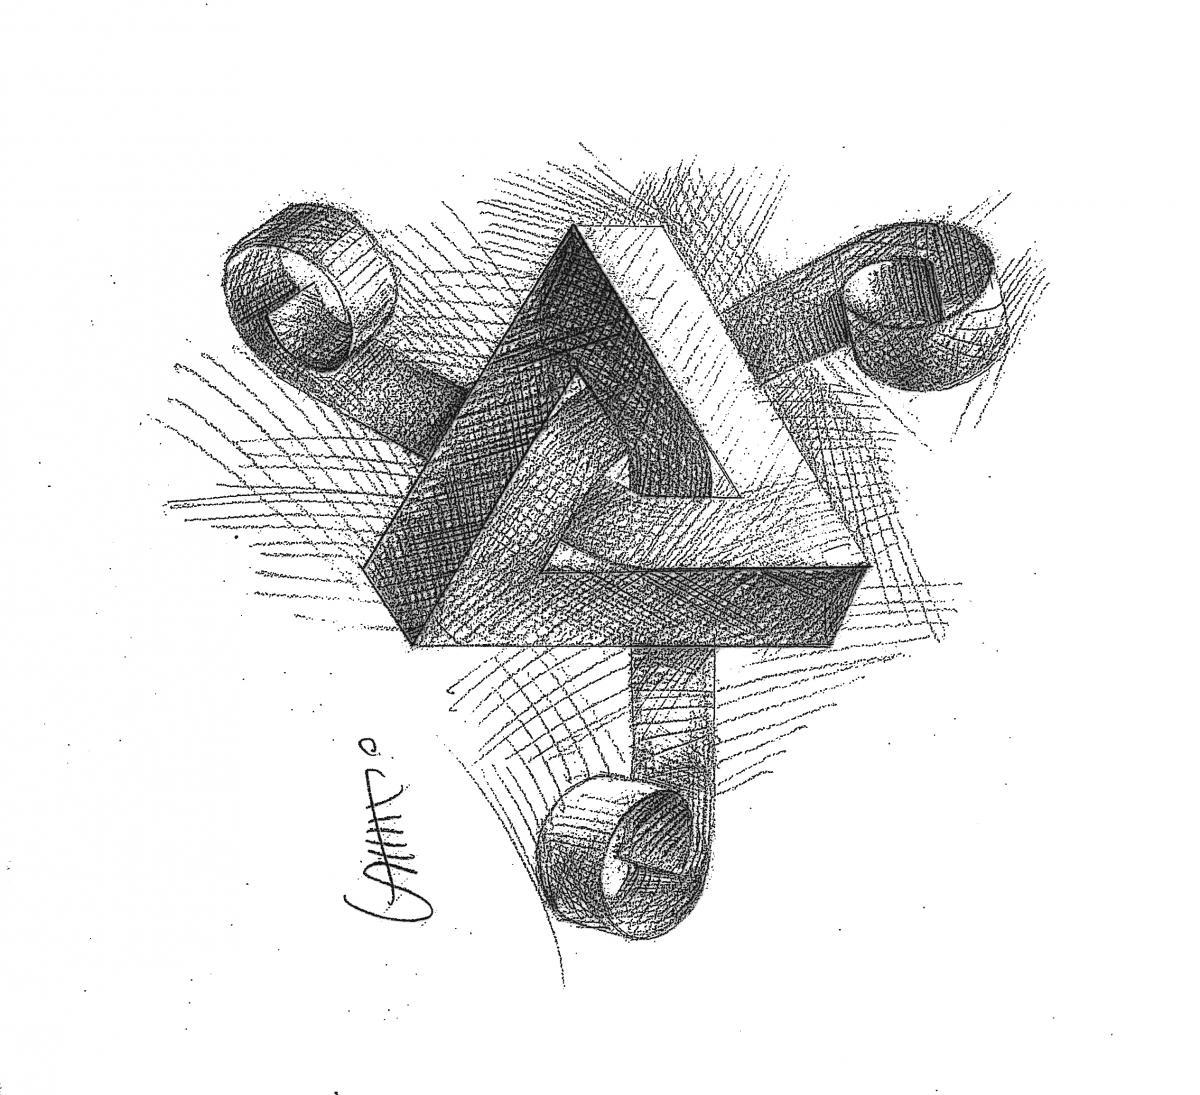 Рисунки зрительных иллюзий Юрия Санникова